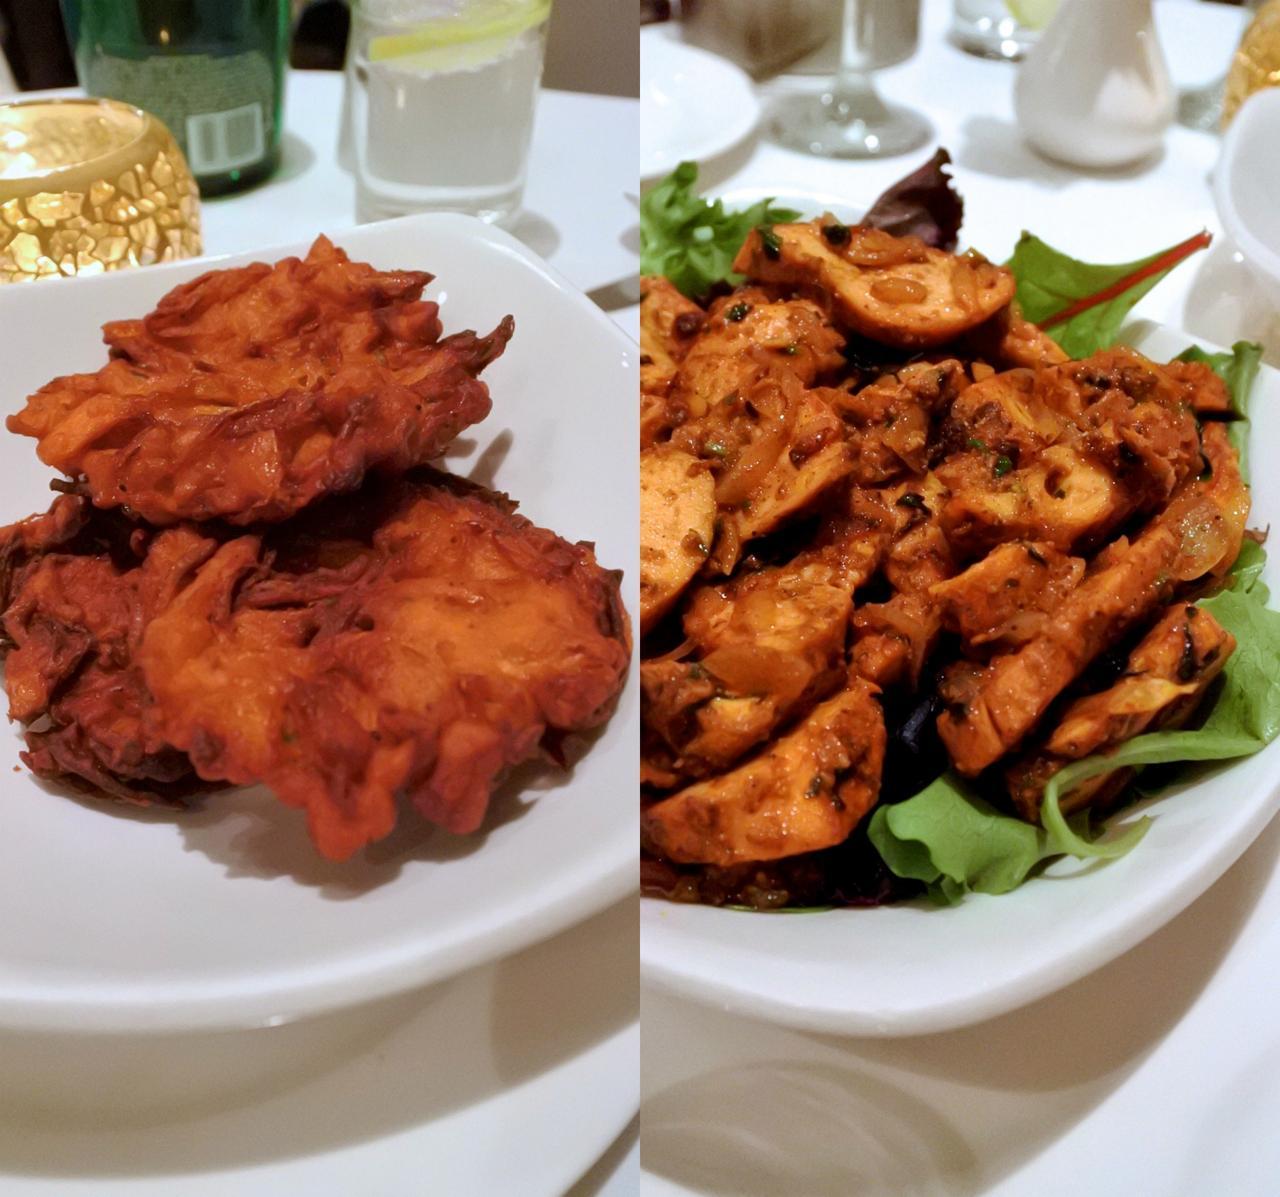 左がオニオン・バッジ、右がタンドーリ・チキンだと思います。チキンはスパイス具合、焼き具合、完璧〜